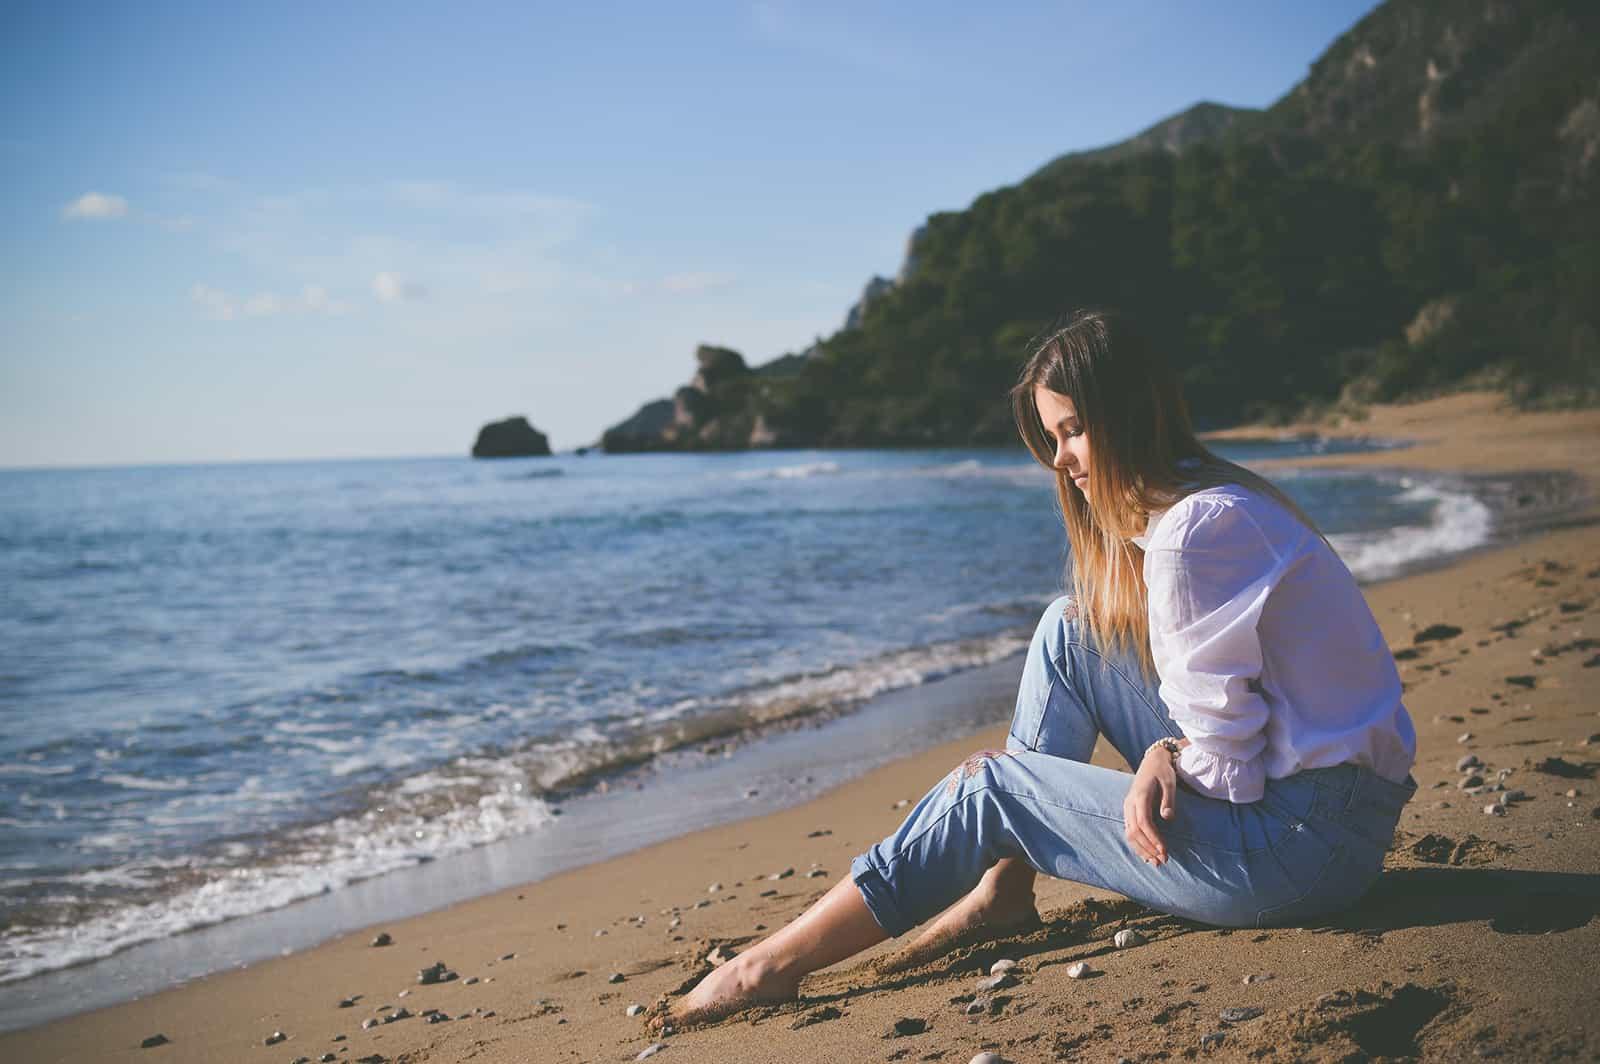 eine Frau, die alleine am Strand sitzt und nachdenklich aussieht